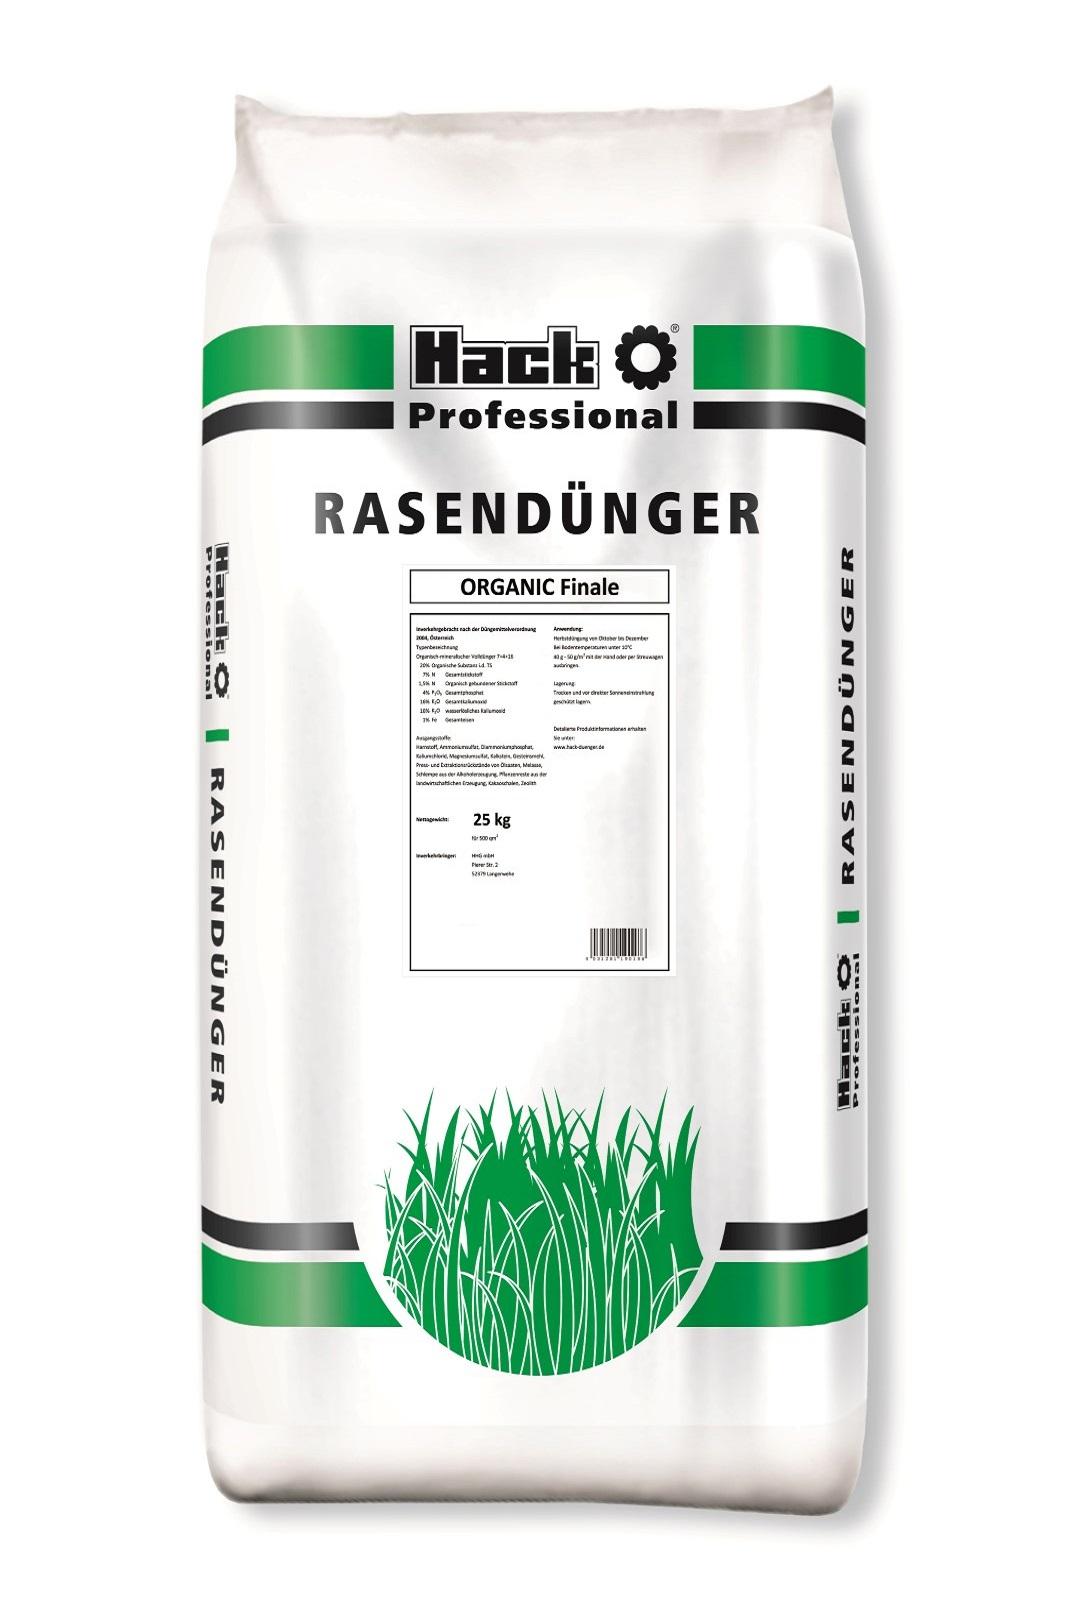 Hack Profi  Rasendünger Organic Finale 25 kg  für Golfrasen und Sportflächen